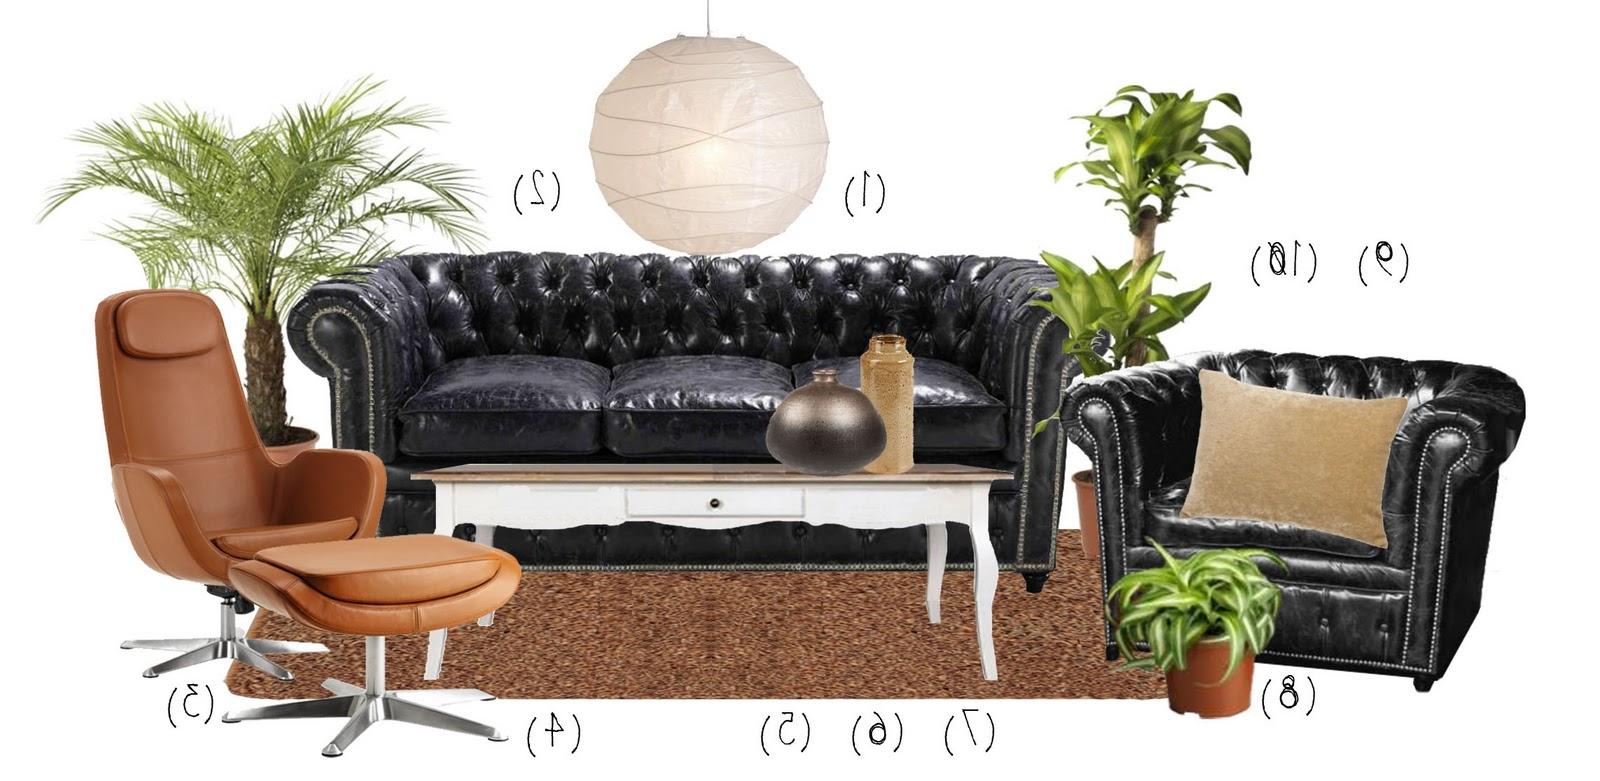 Sofas Baratos Coruña Jxdu the Style Casa Indiana Traviesa Diseà O Libre